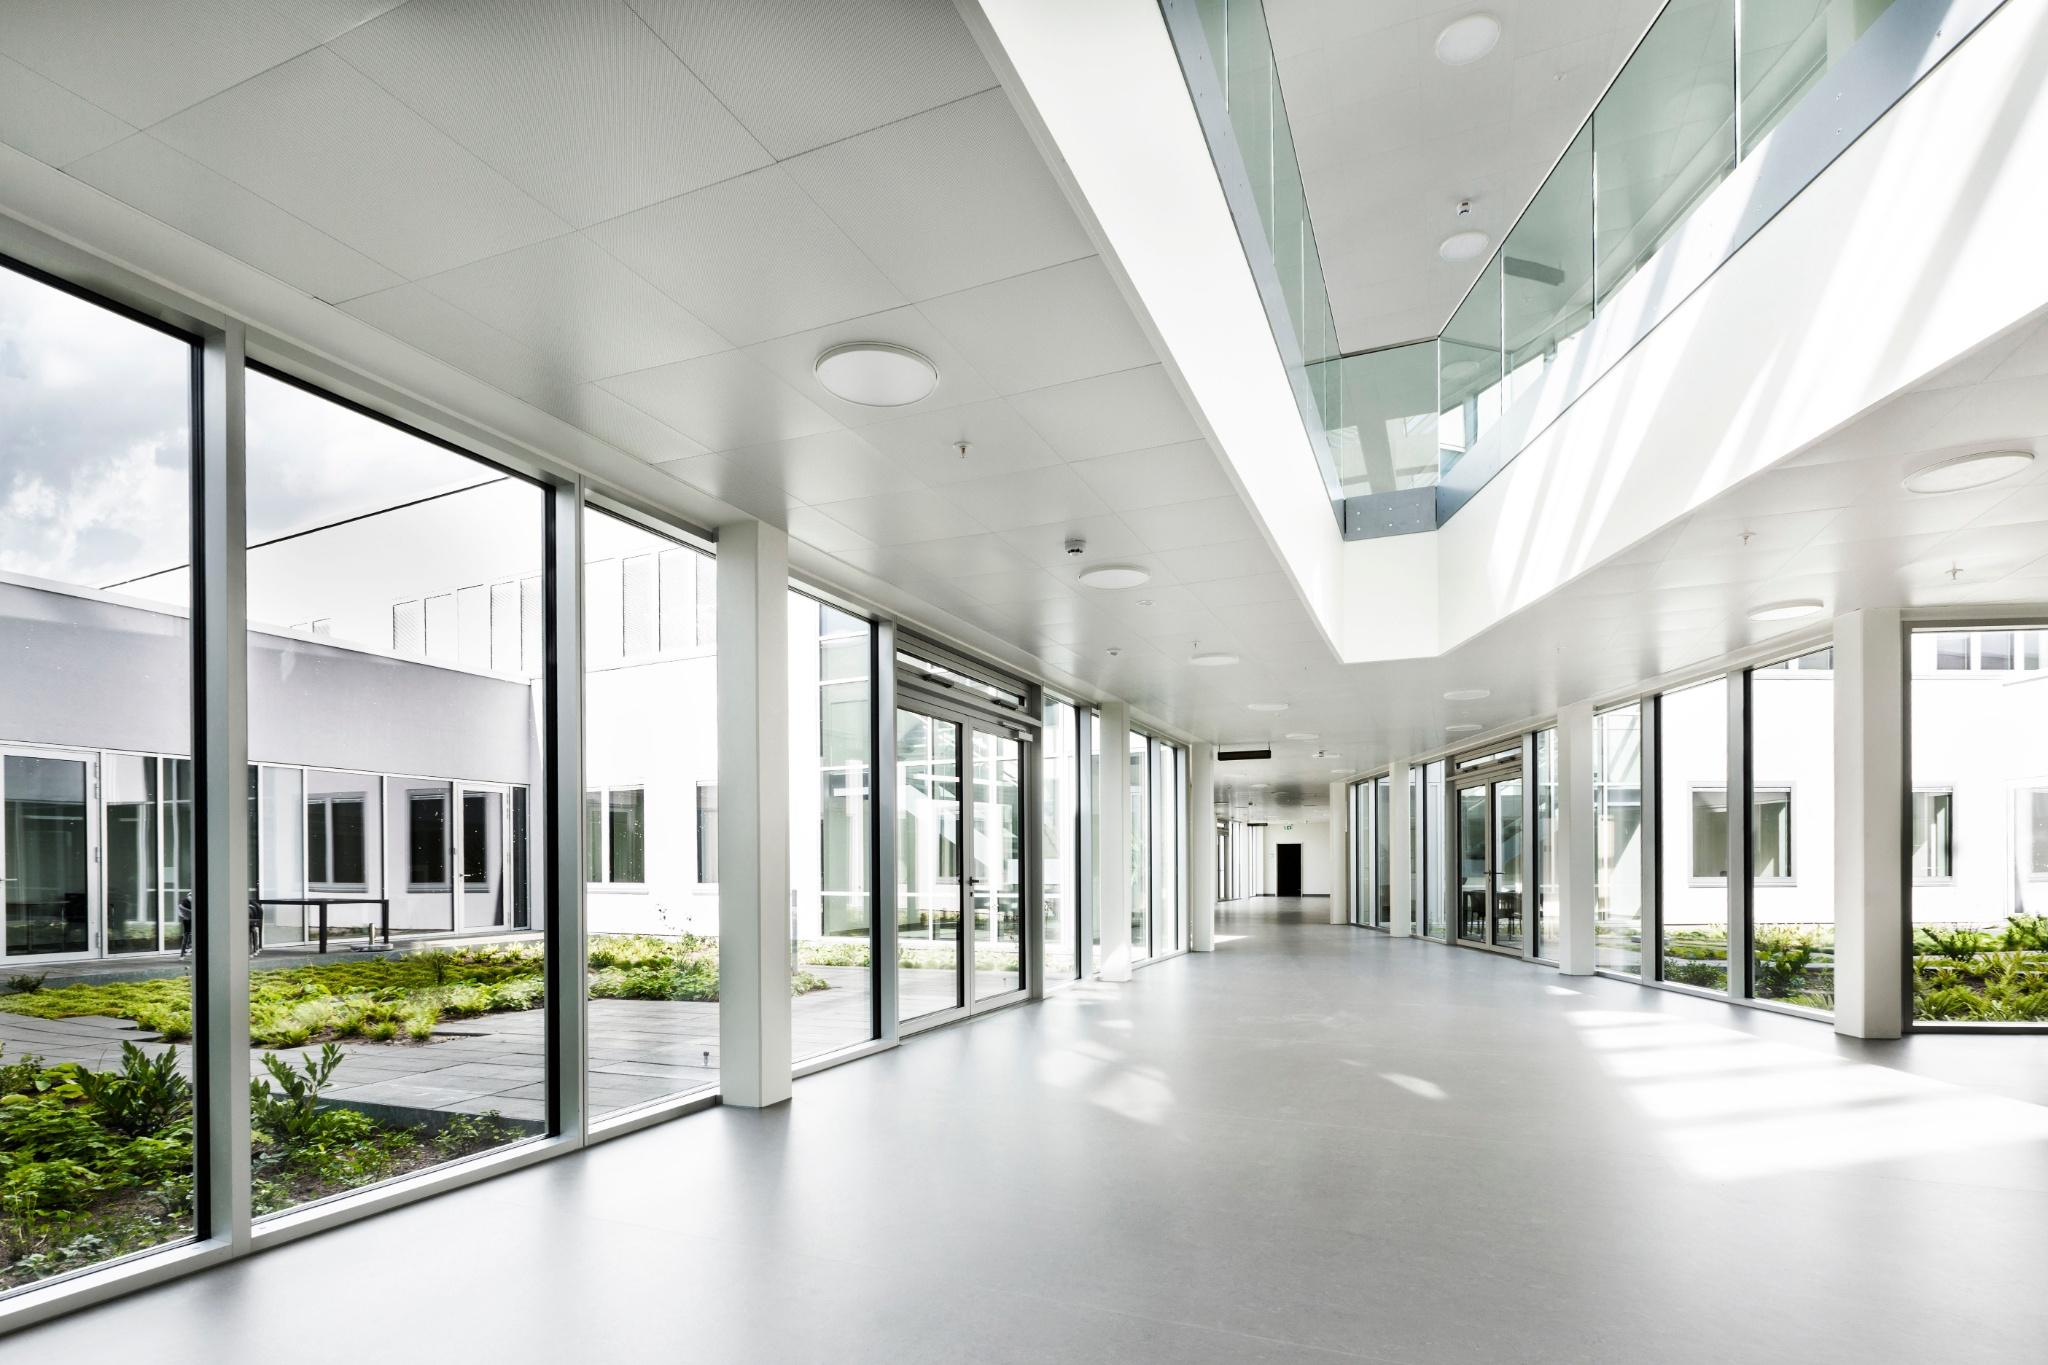 Bedre indeklima igennem bæredygtigt loftdesign